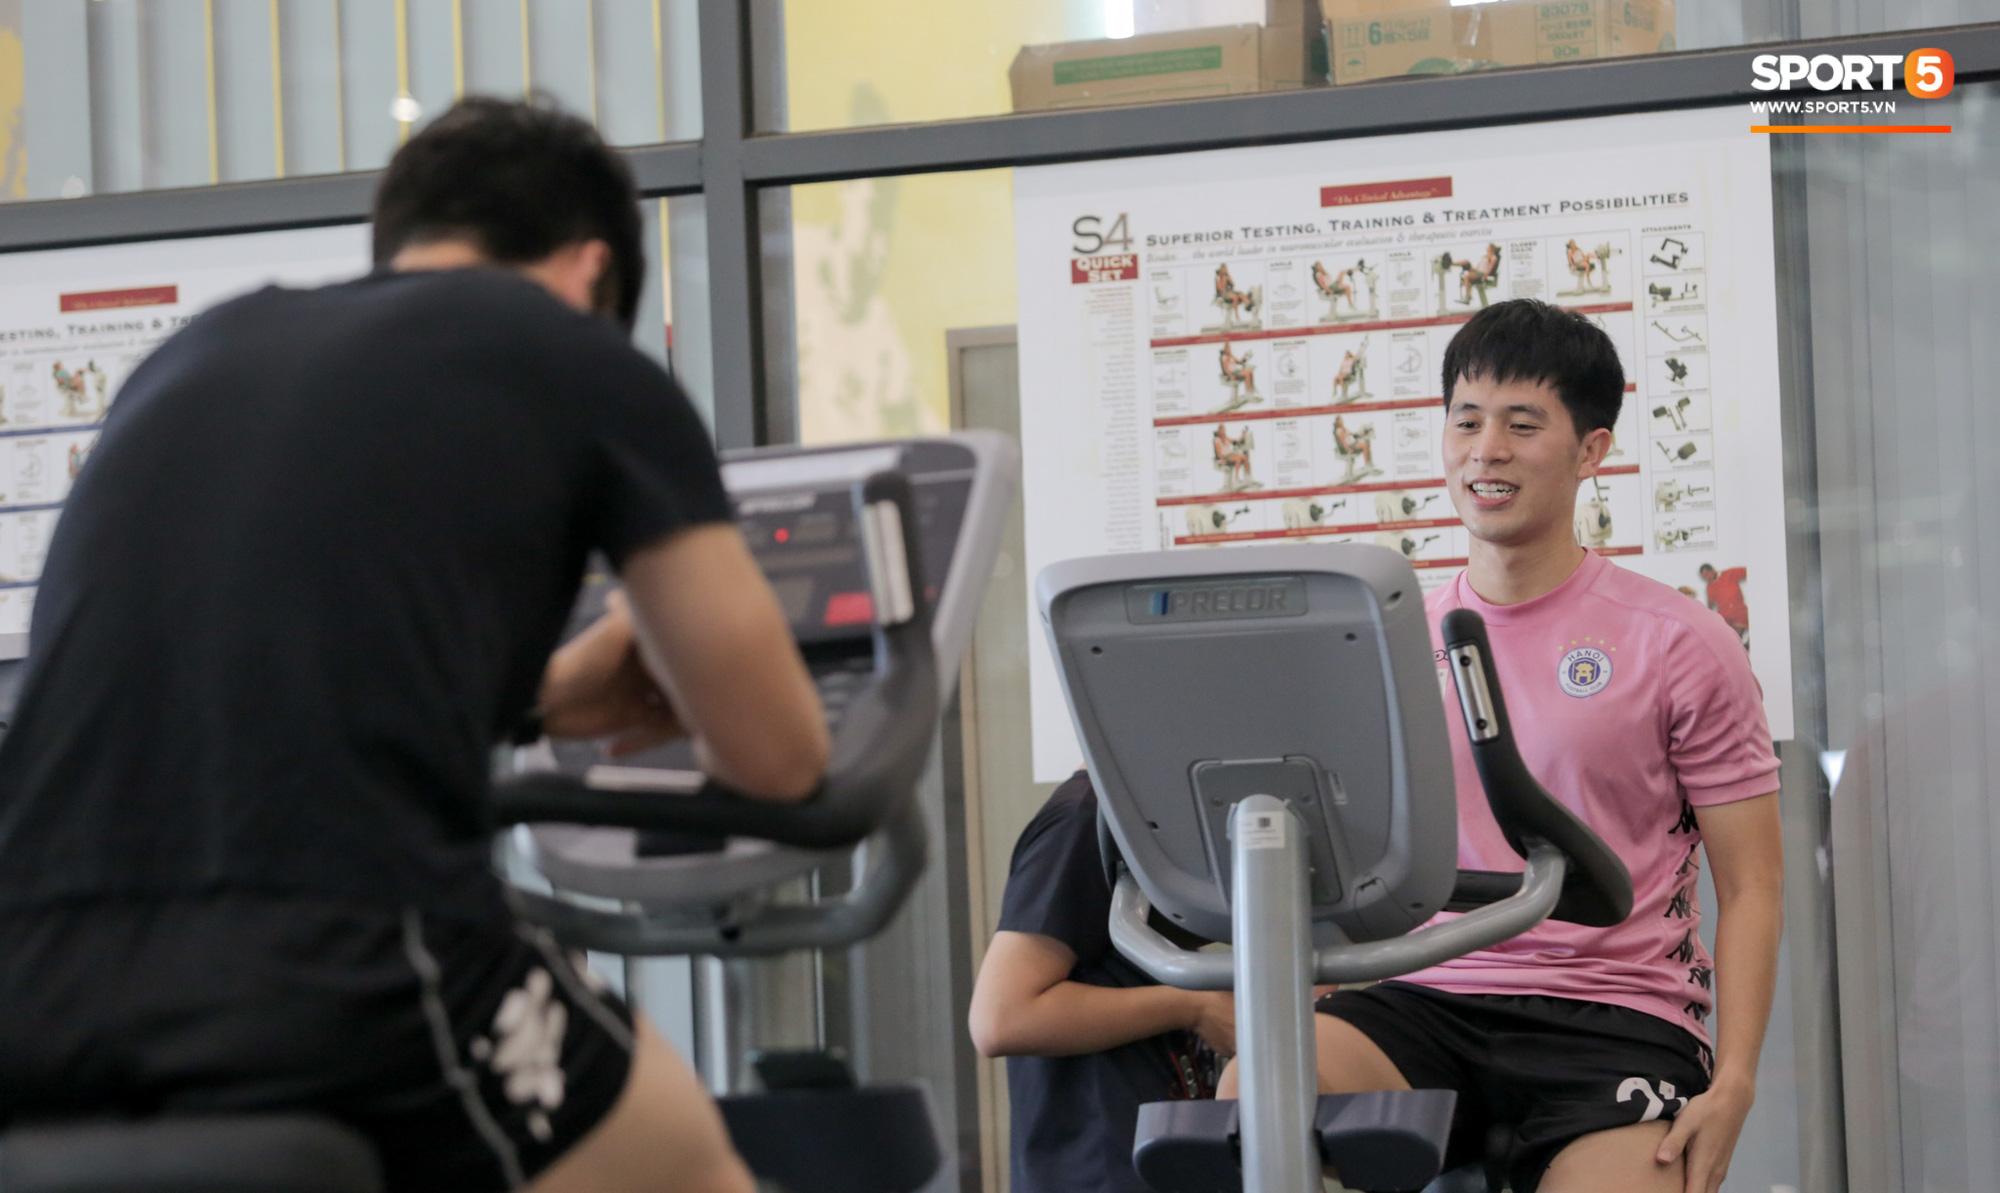 Nỗi khổ không dám ăn của tuyển thủ Việt Nam: Hít không khí, uống nước lọc cũng béo - Ảnh 3.